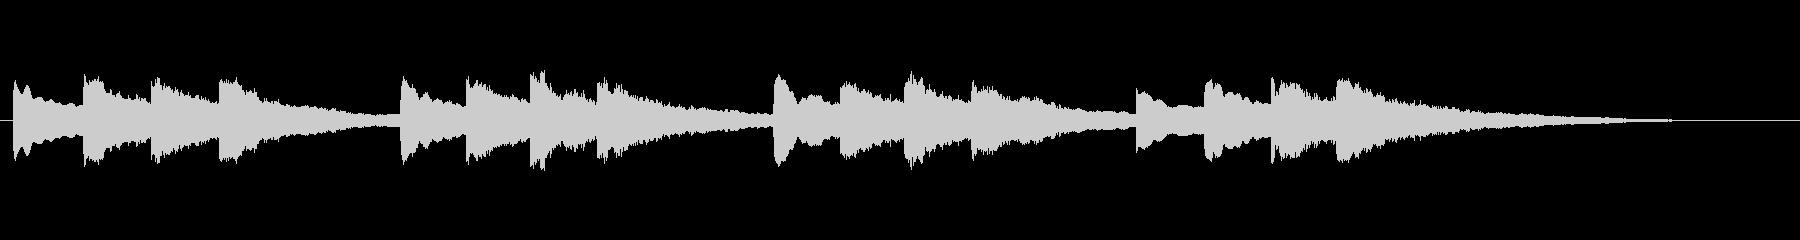 【チャイム 学校02-01】の未再生の波形